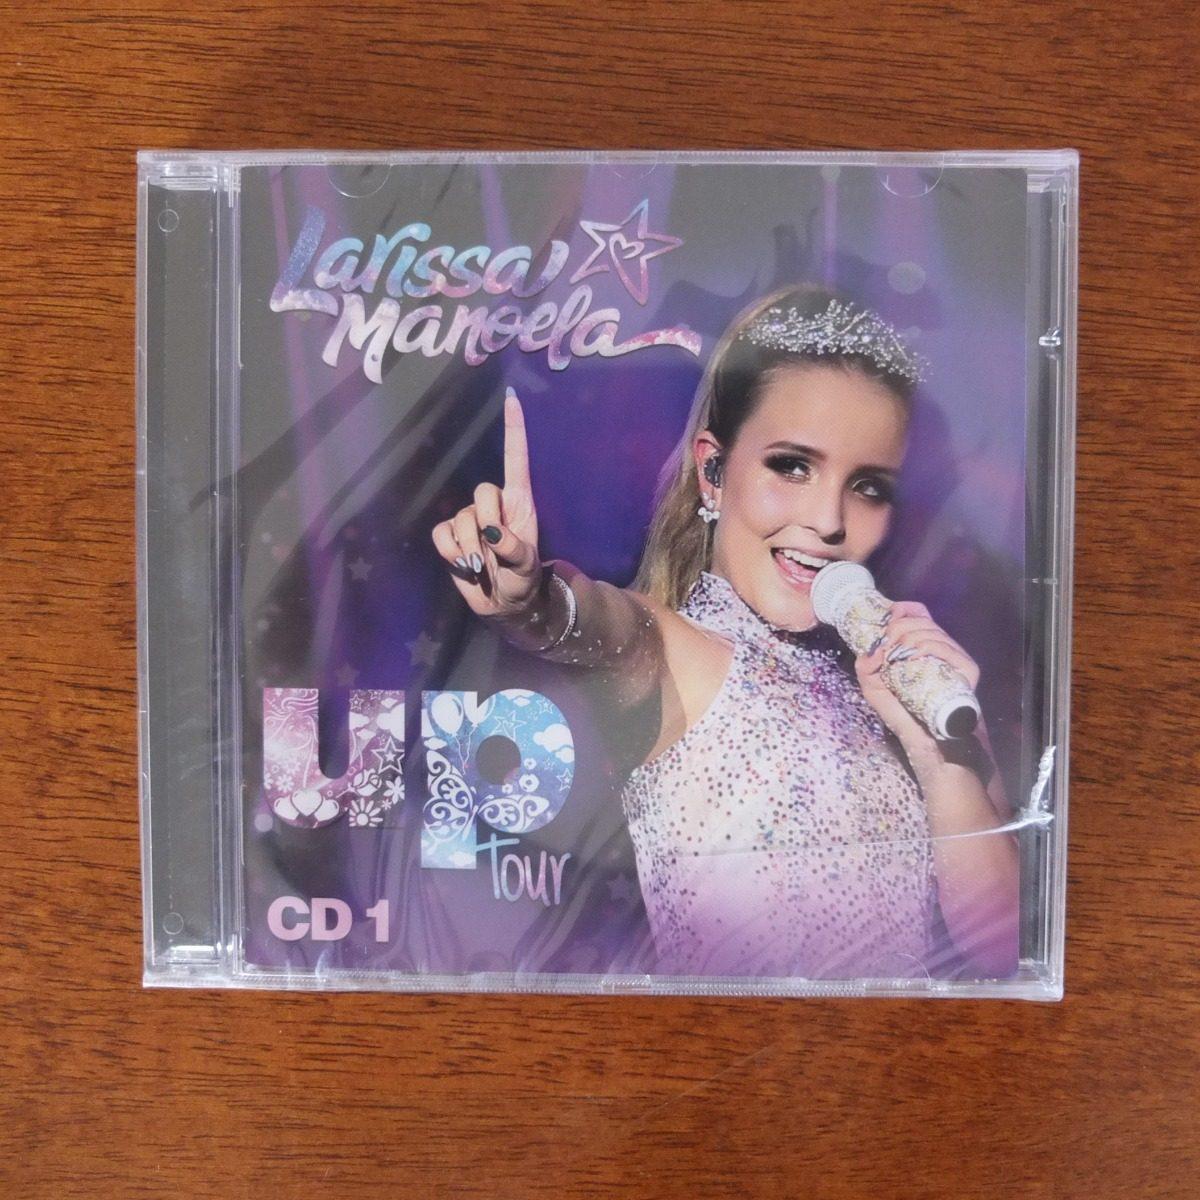 0e47cd06b5d cd - larissa manoela - up tour - cd 1 e 2. Carregando zoom.